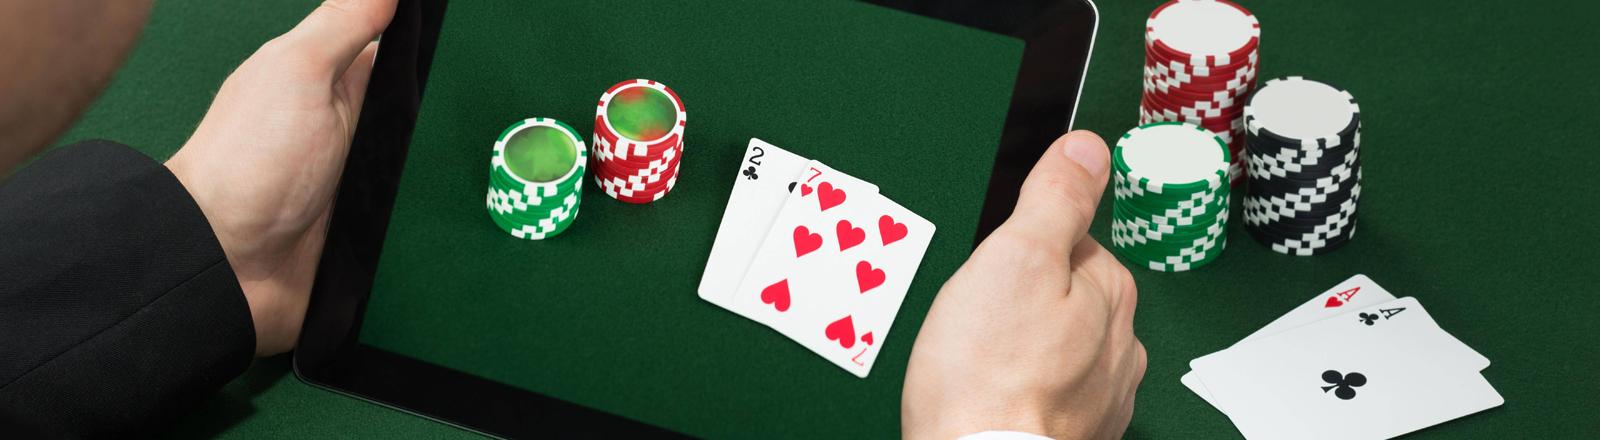 Symbolfoto: Spiele-Chips und Poker-Karten auf einem Laptop.